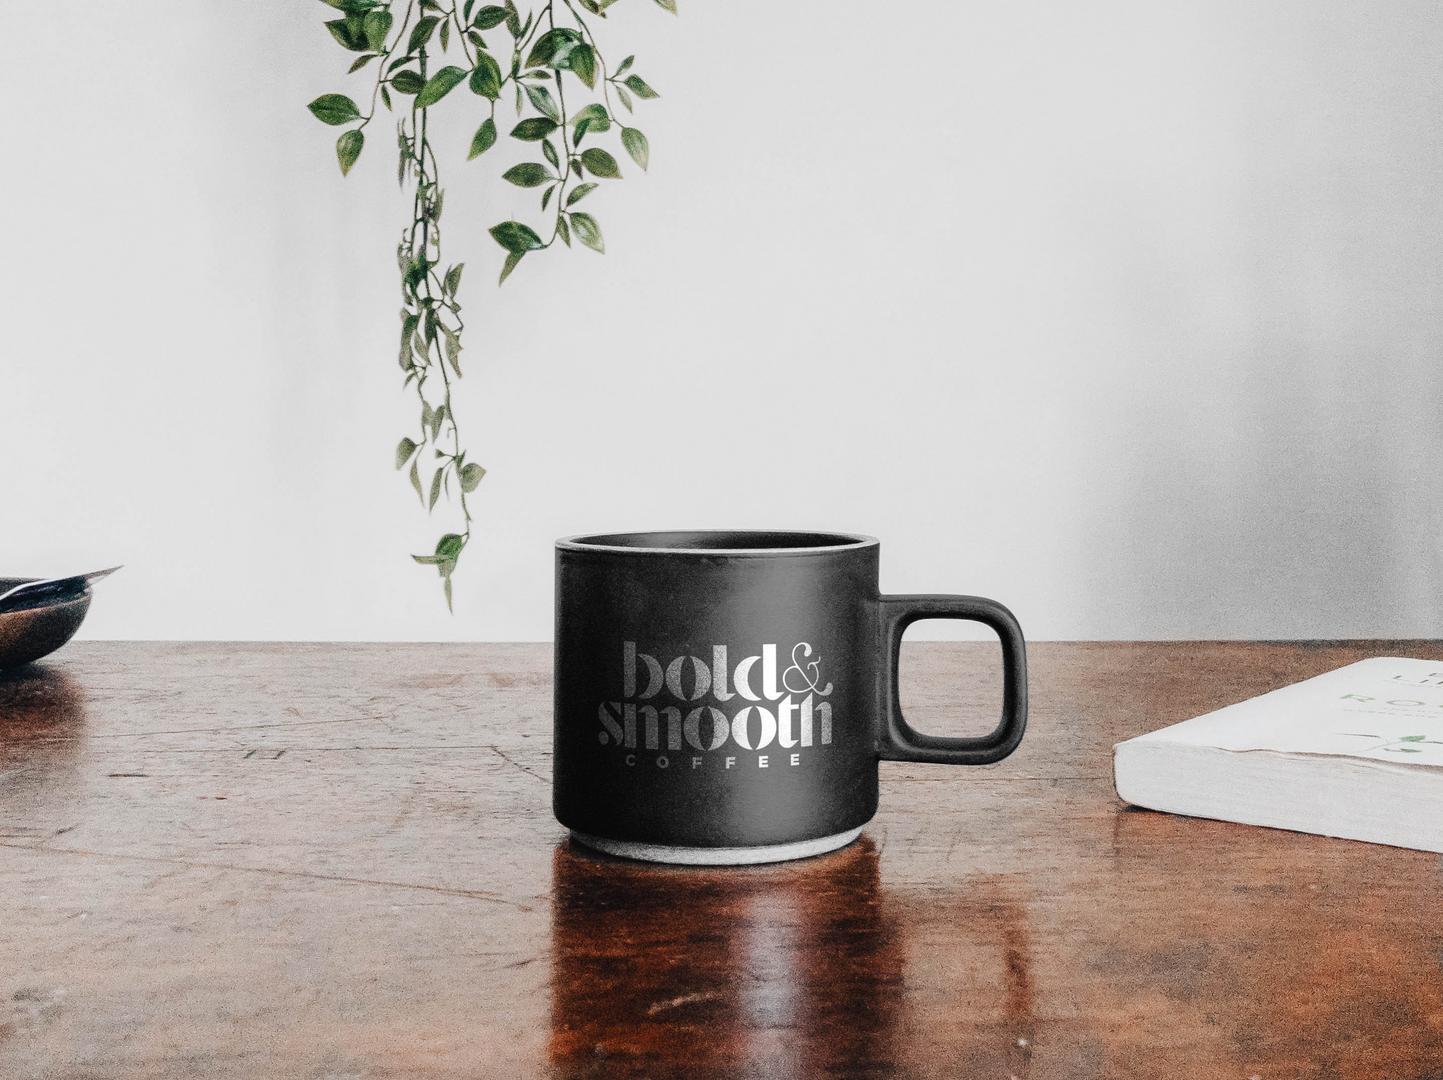 bold&smooth mug.png